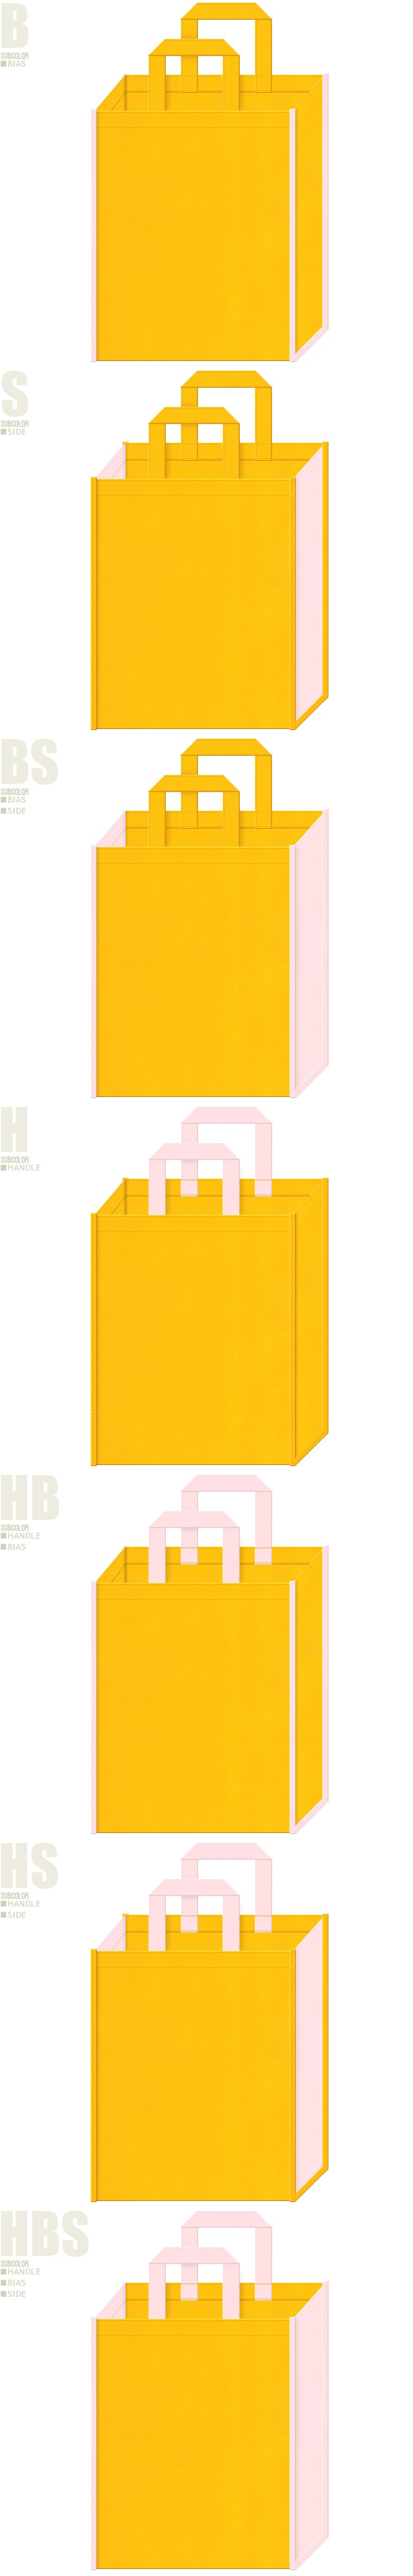 通園バッグにお奨めの不織布バッグデザイン:黄色と桜色の不織布バッグ配色7パターン。